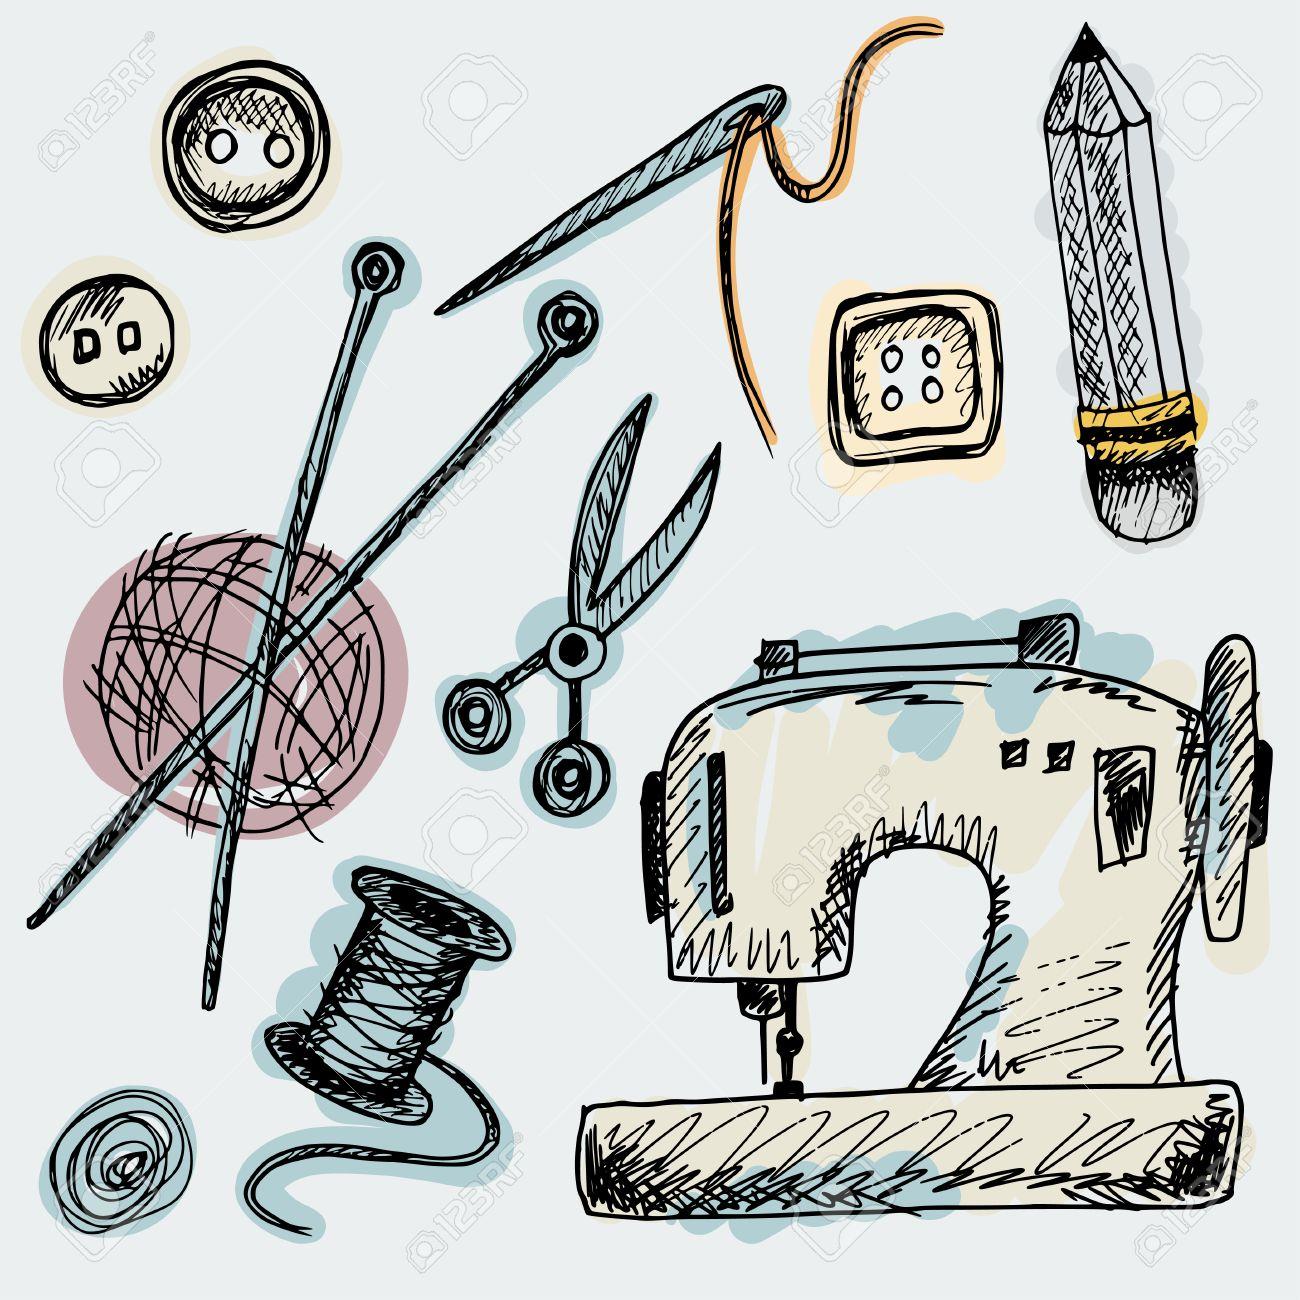 Conjunto De Suministros Aislados Lindos En El Estilo De Dibujo. Las ...